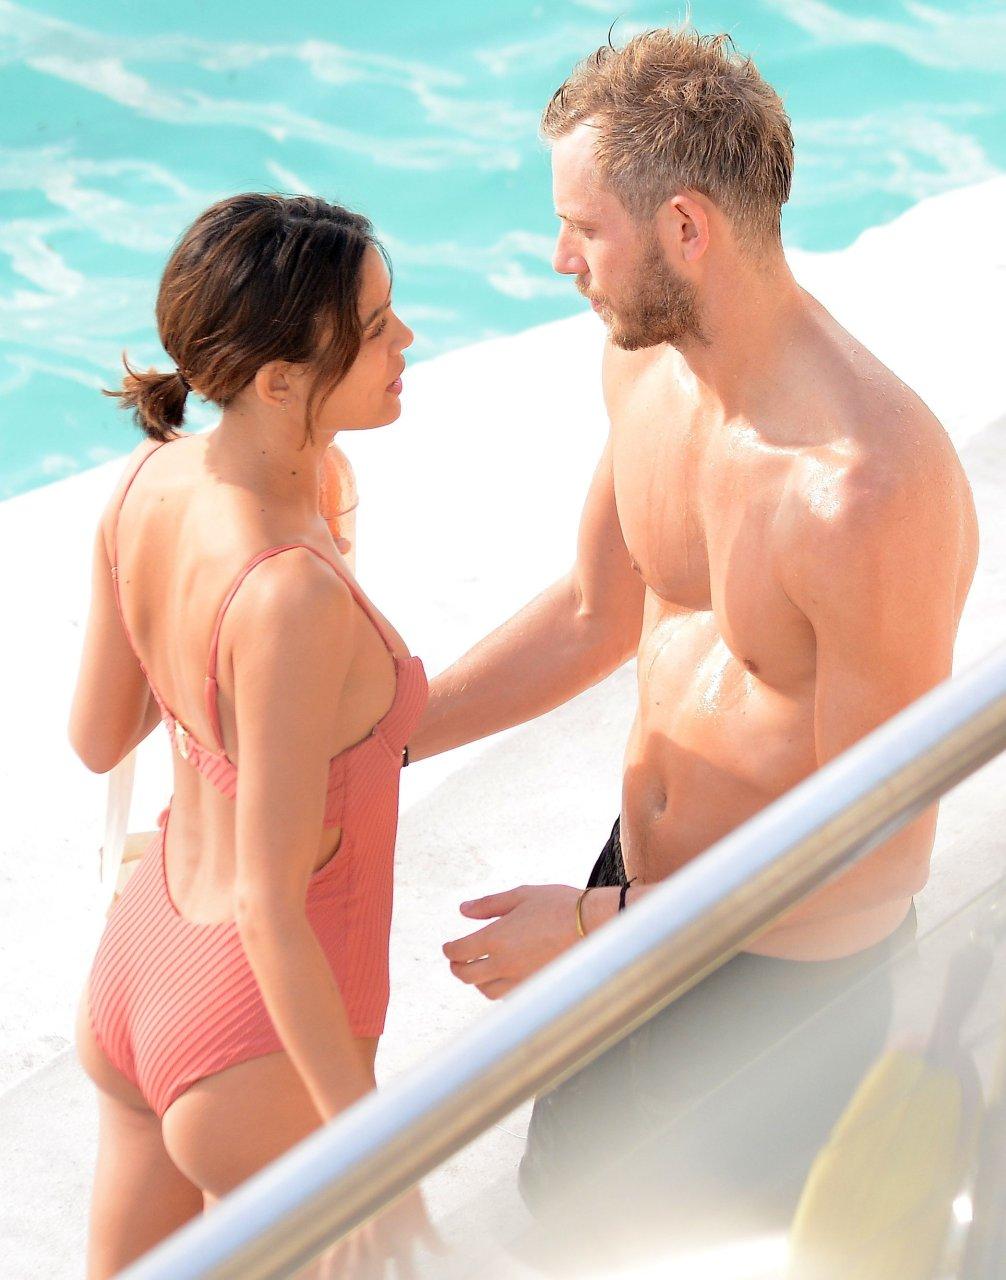 from Khalil nathalie kelley naked photos